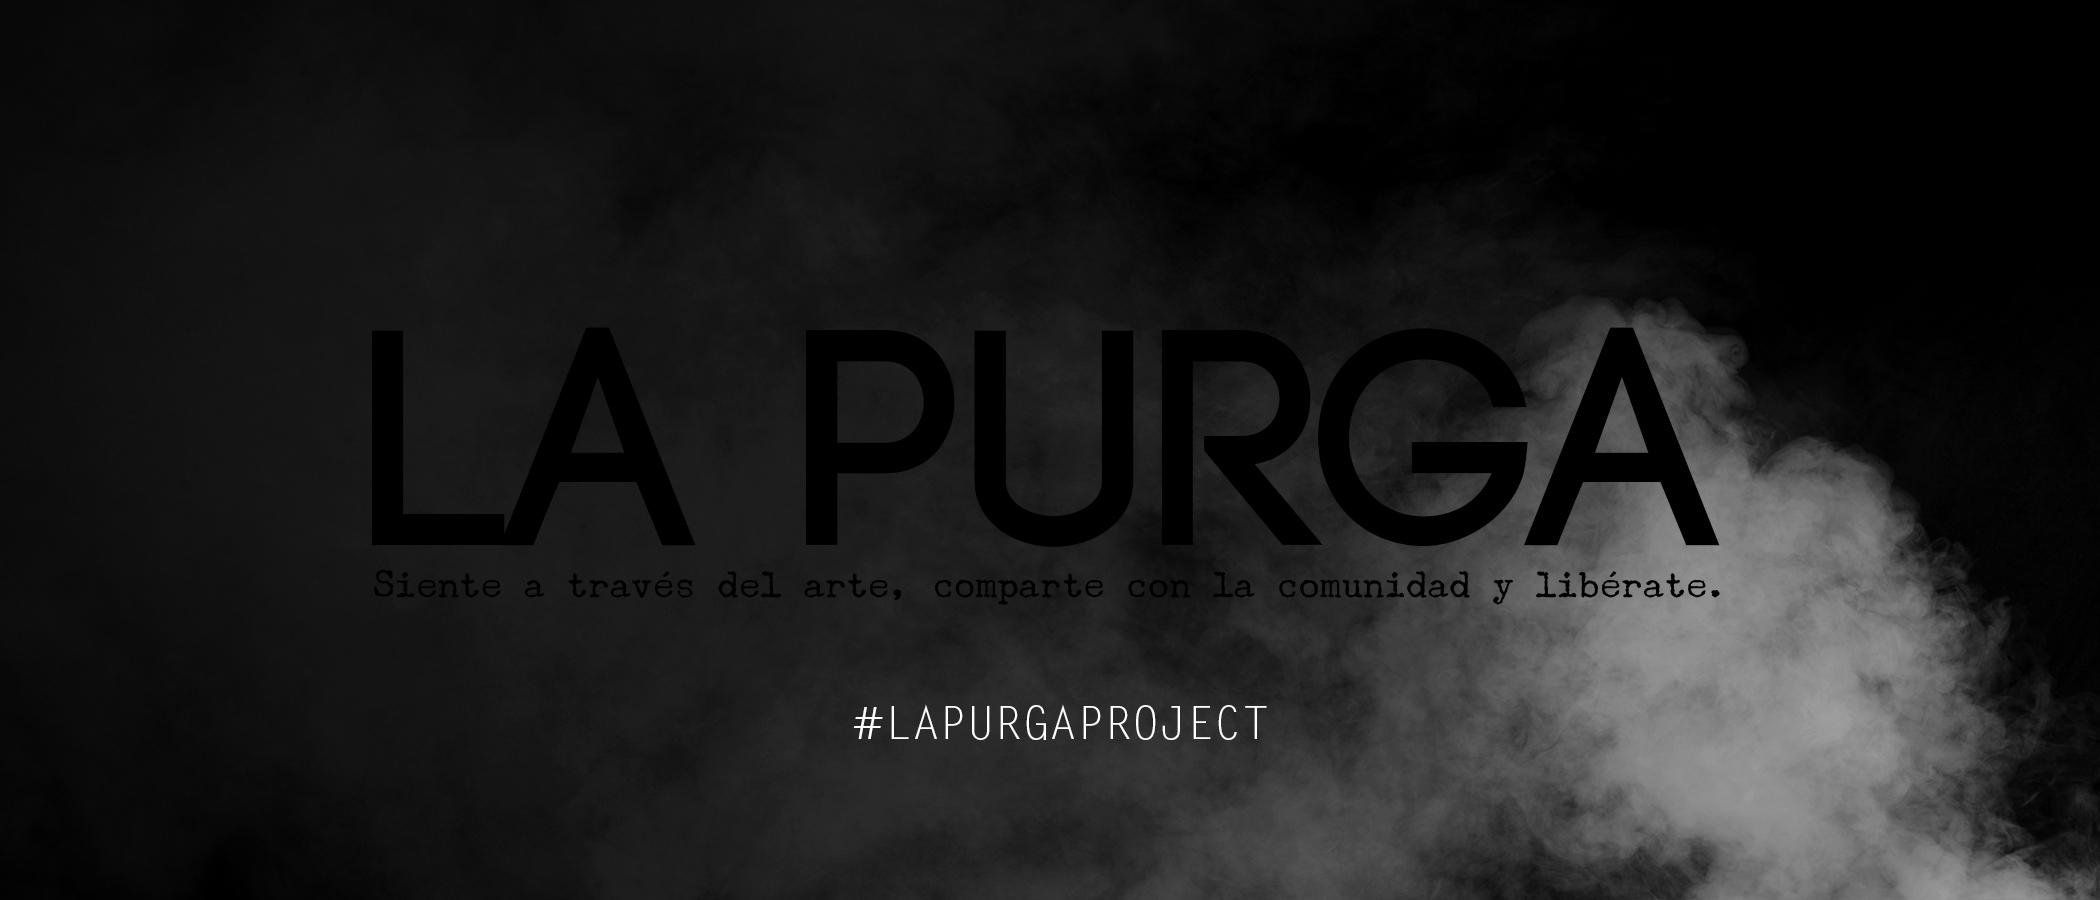 lapurgaproject